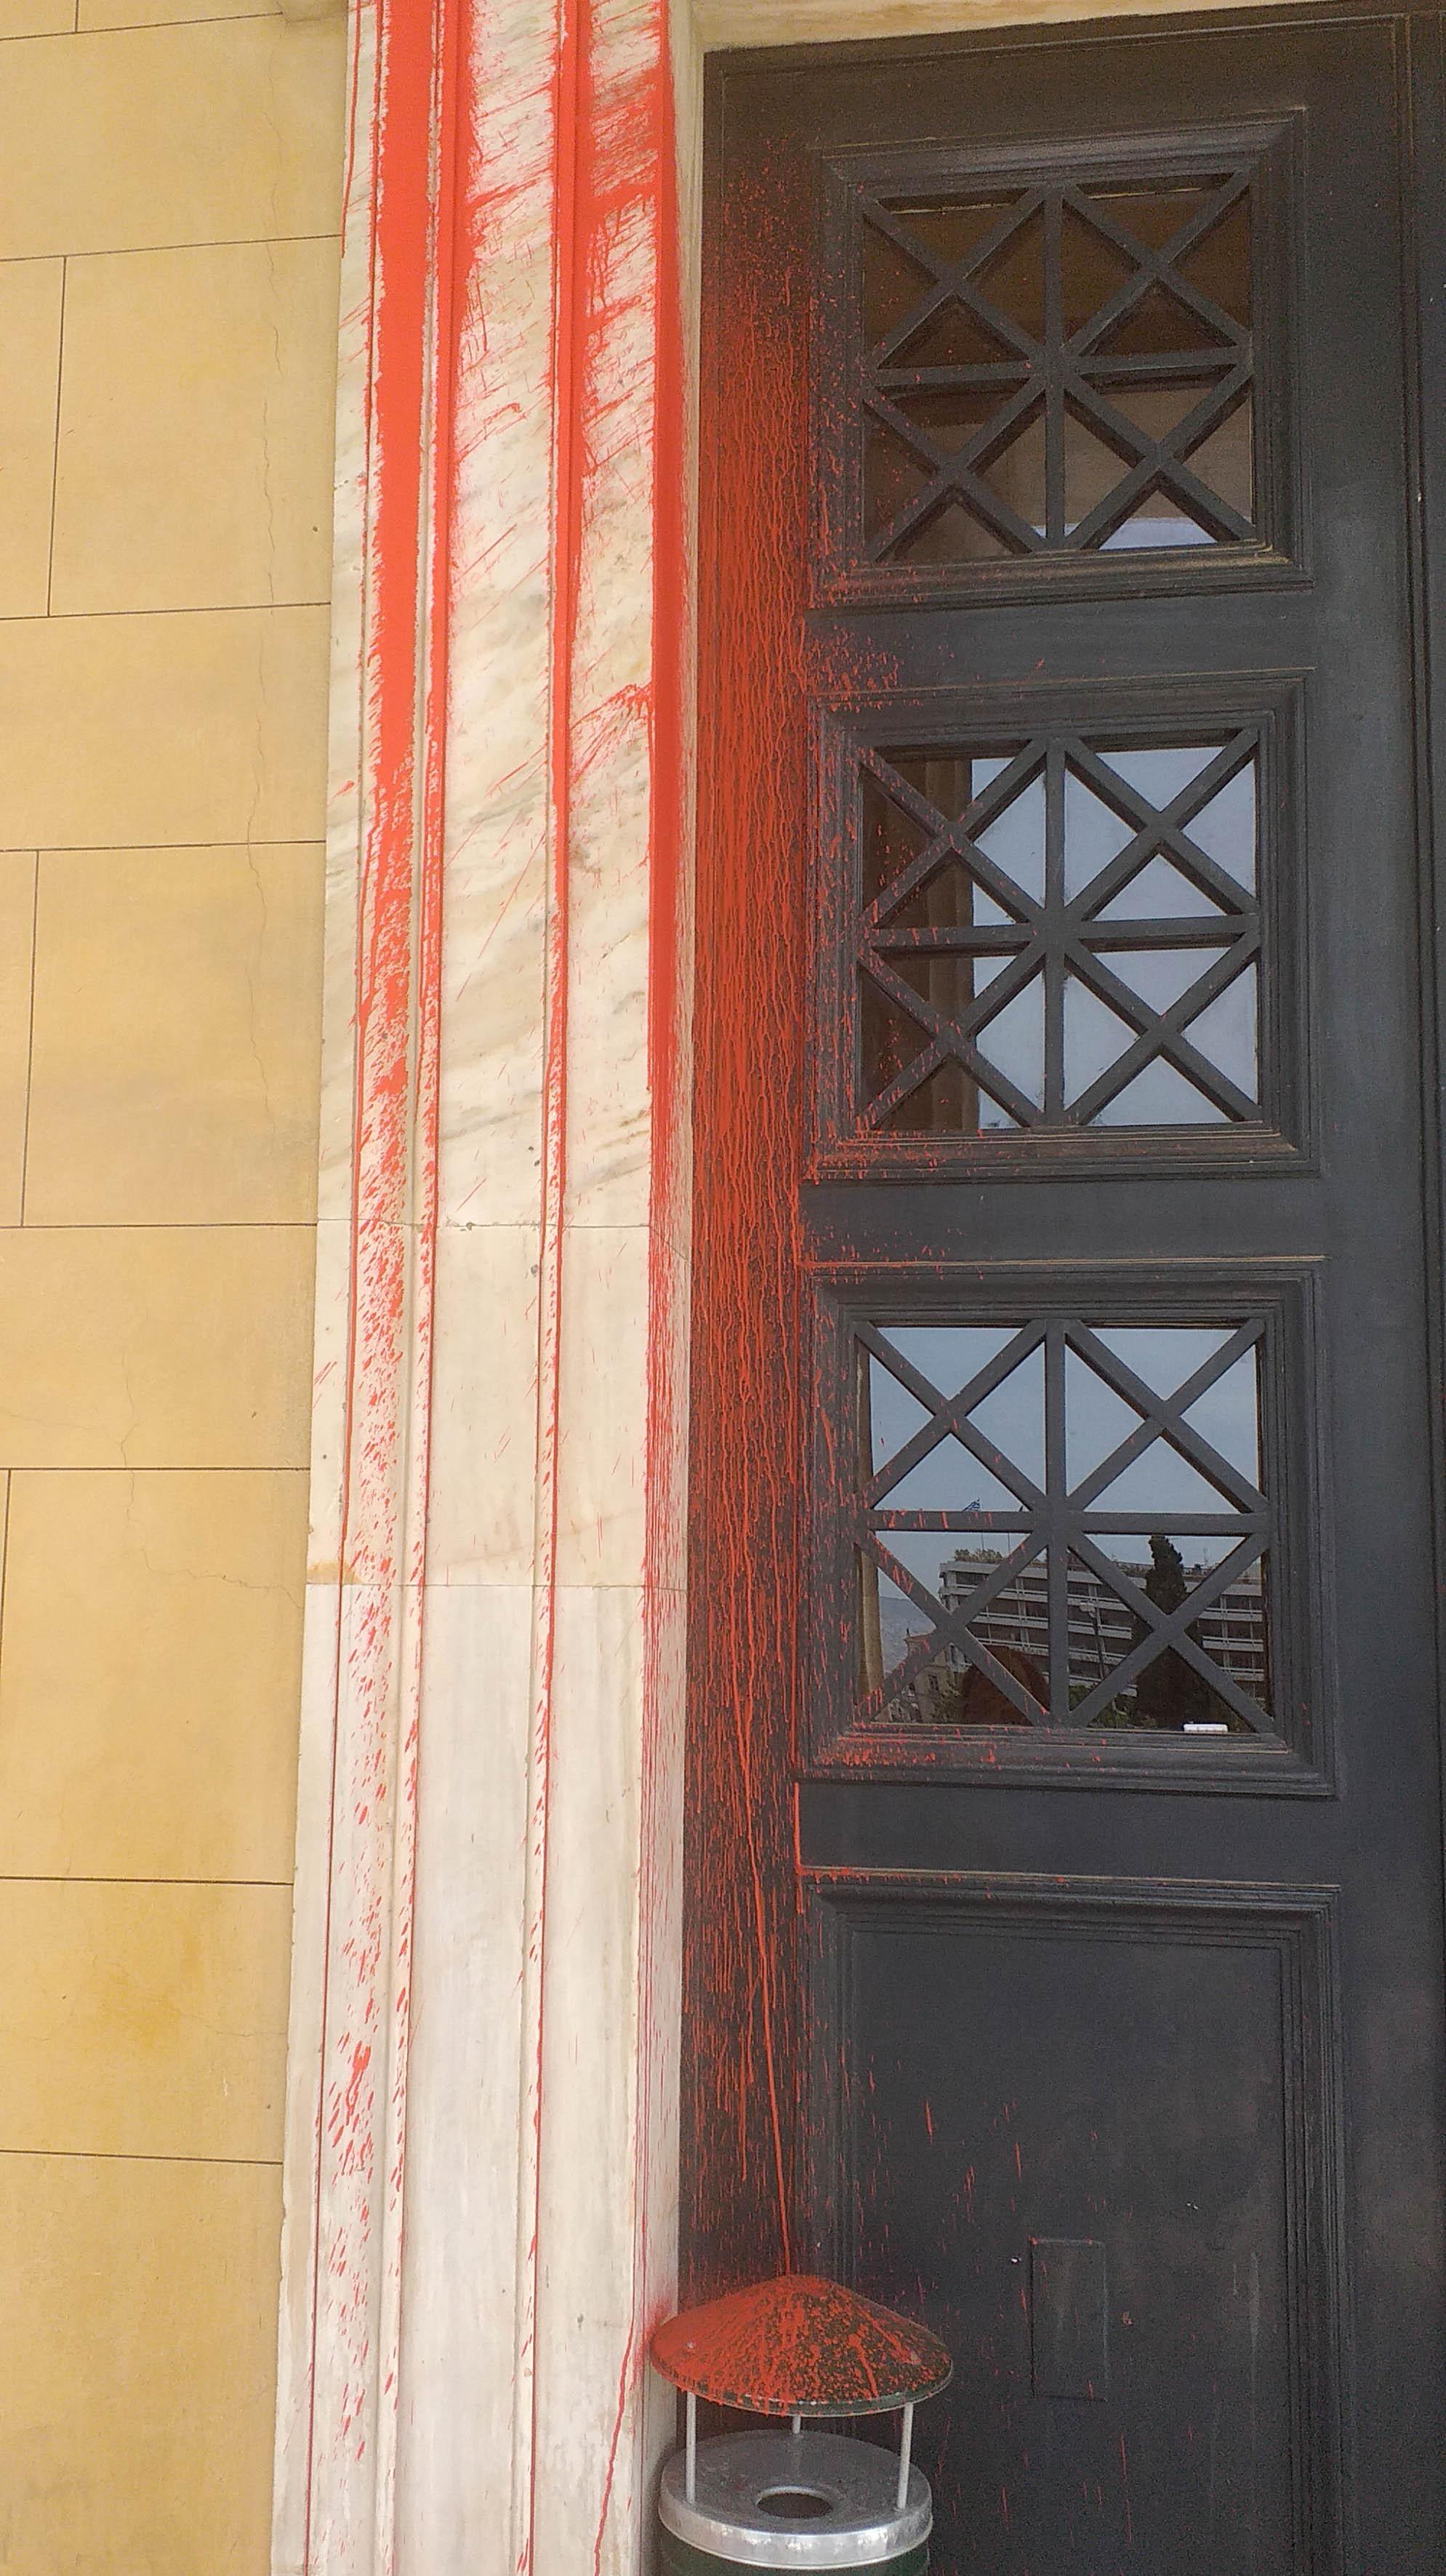 Επίθεση Ρουβίκωνα με μπογιές και καπνογόνα στη Βουλή για τον Κουφοντίνα